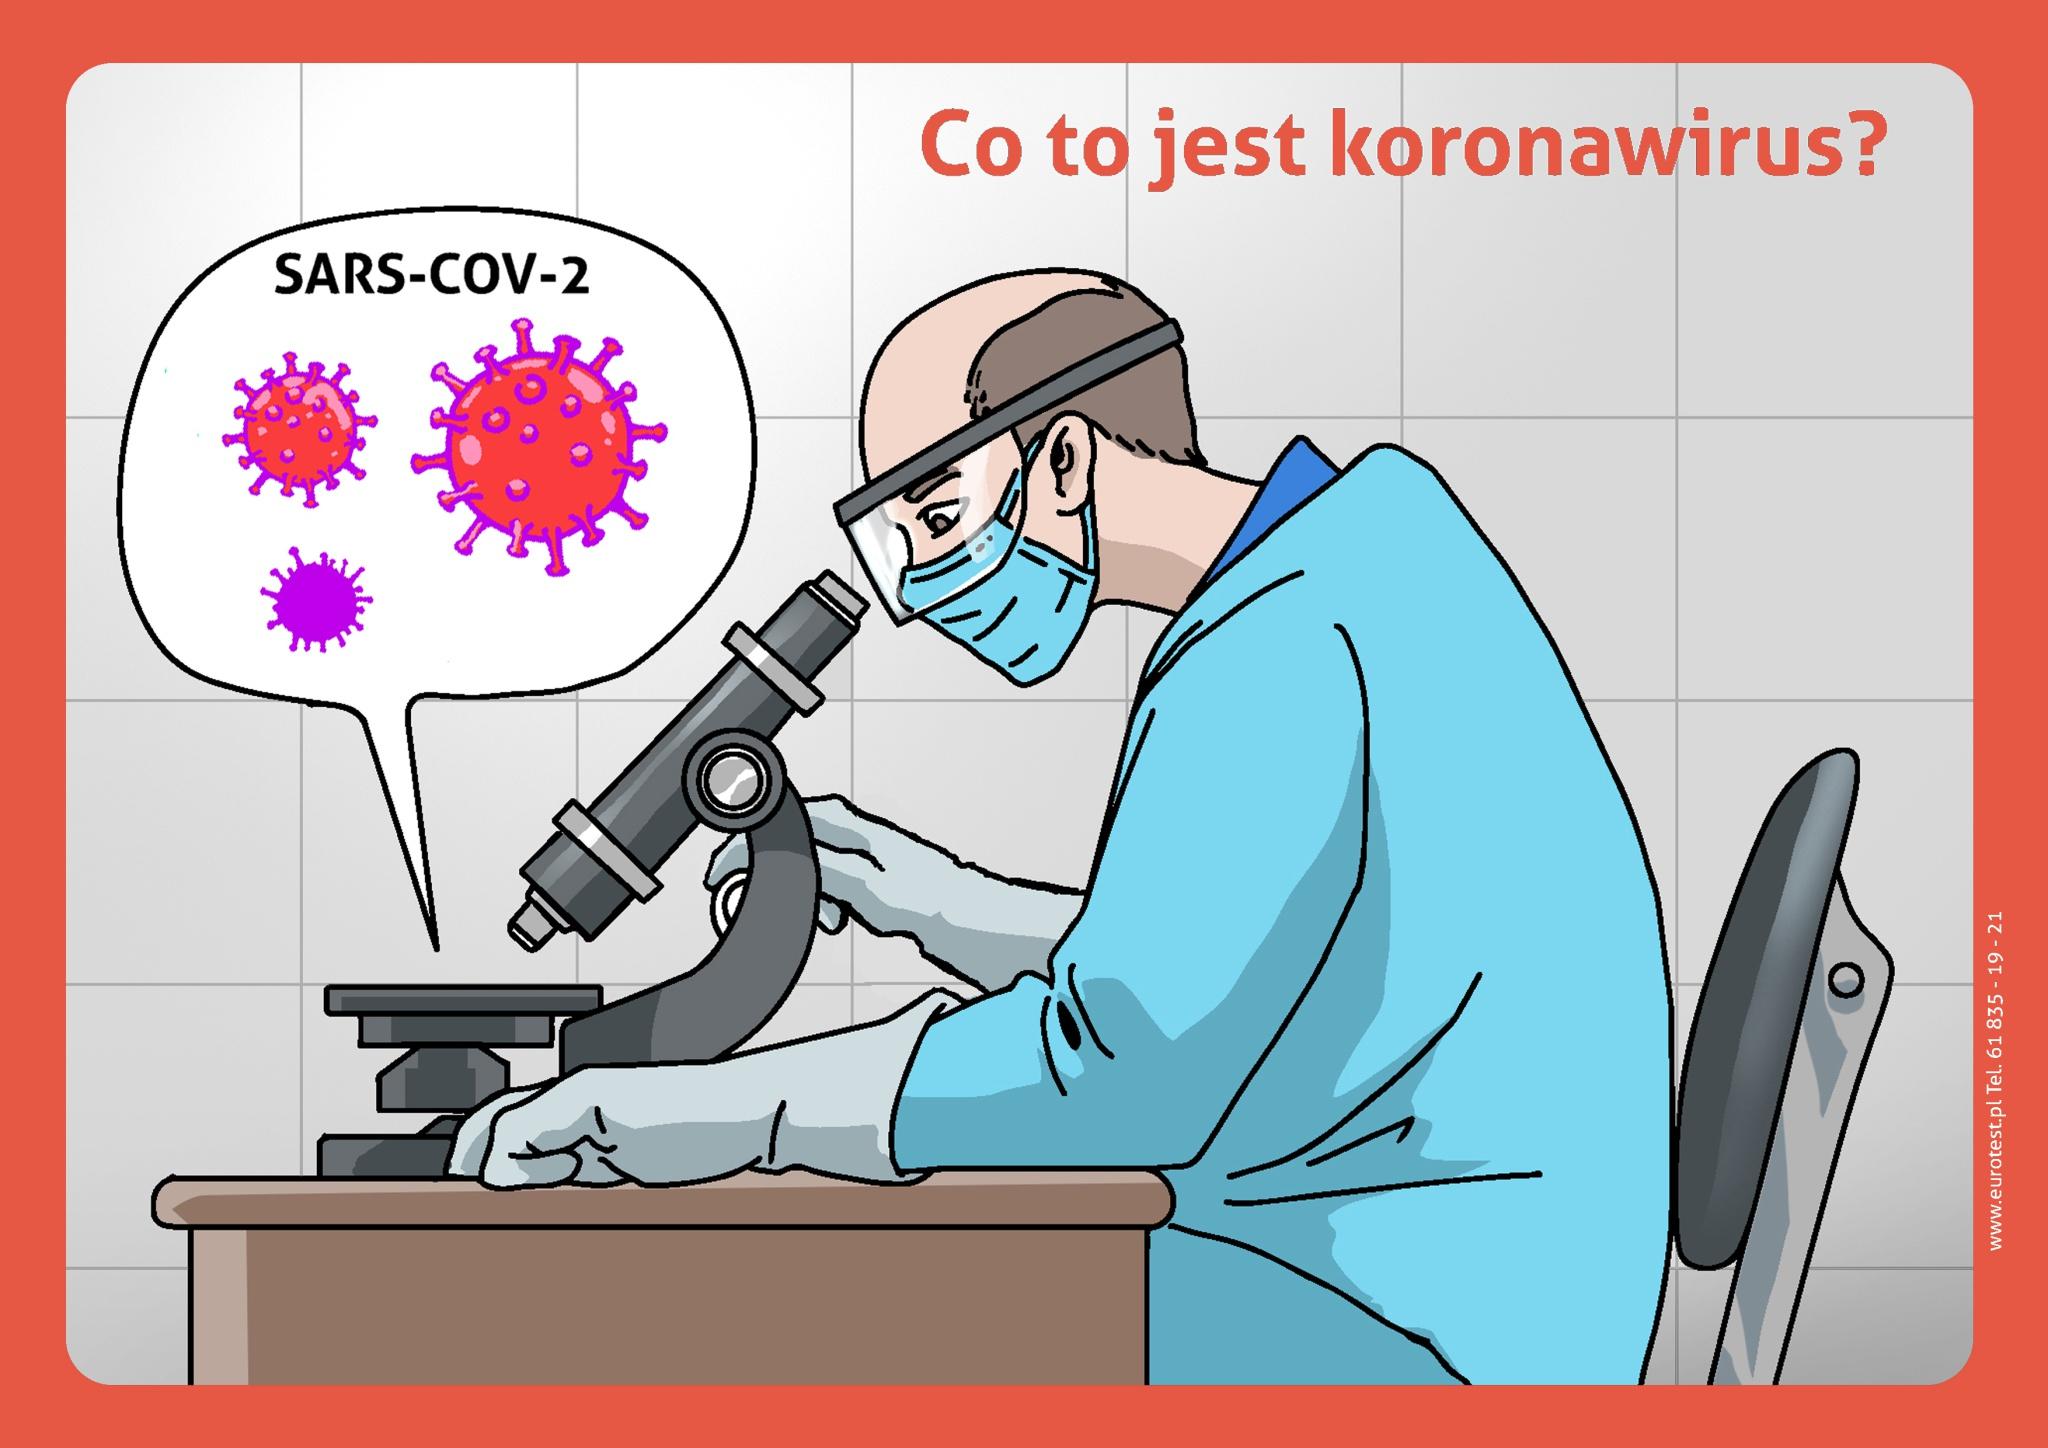 Co to jest koronawirus?